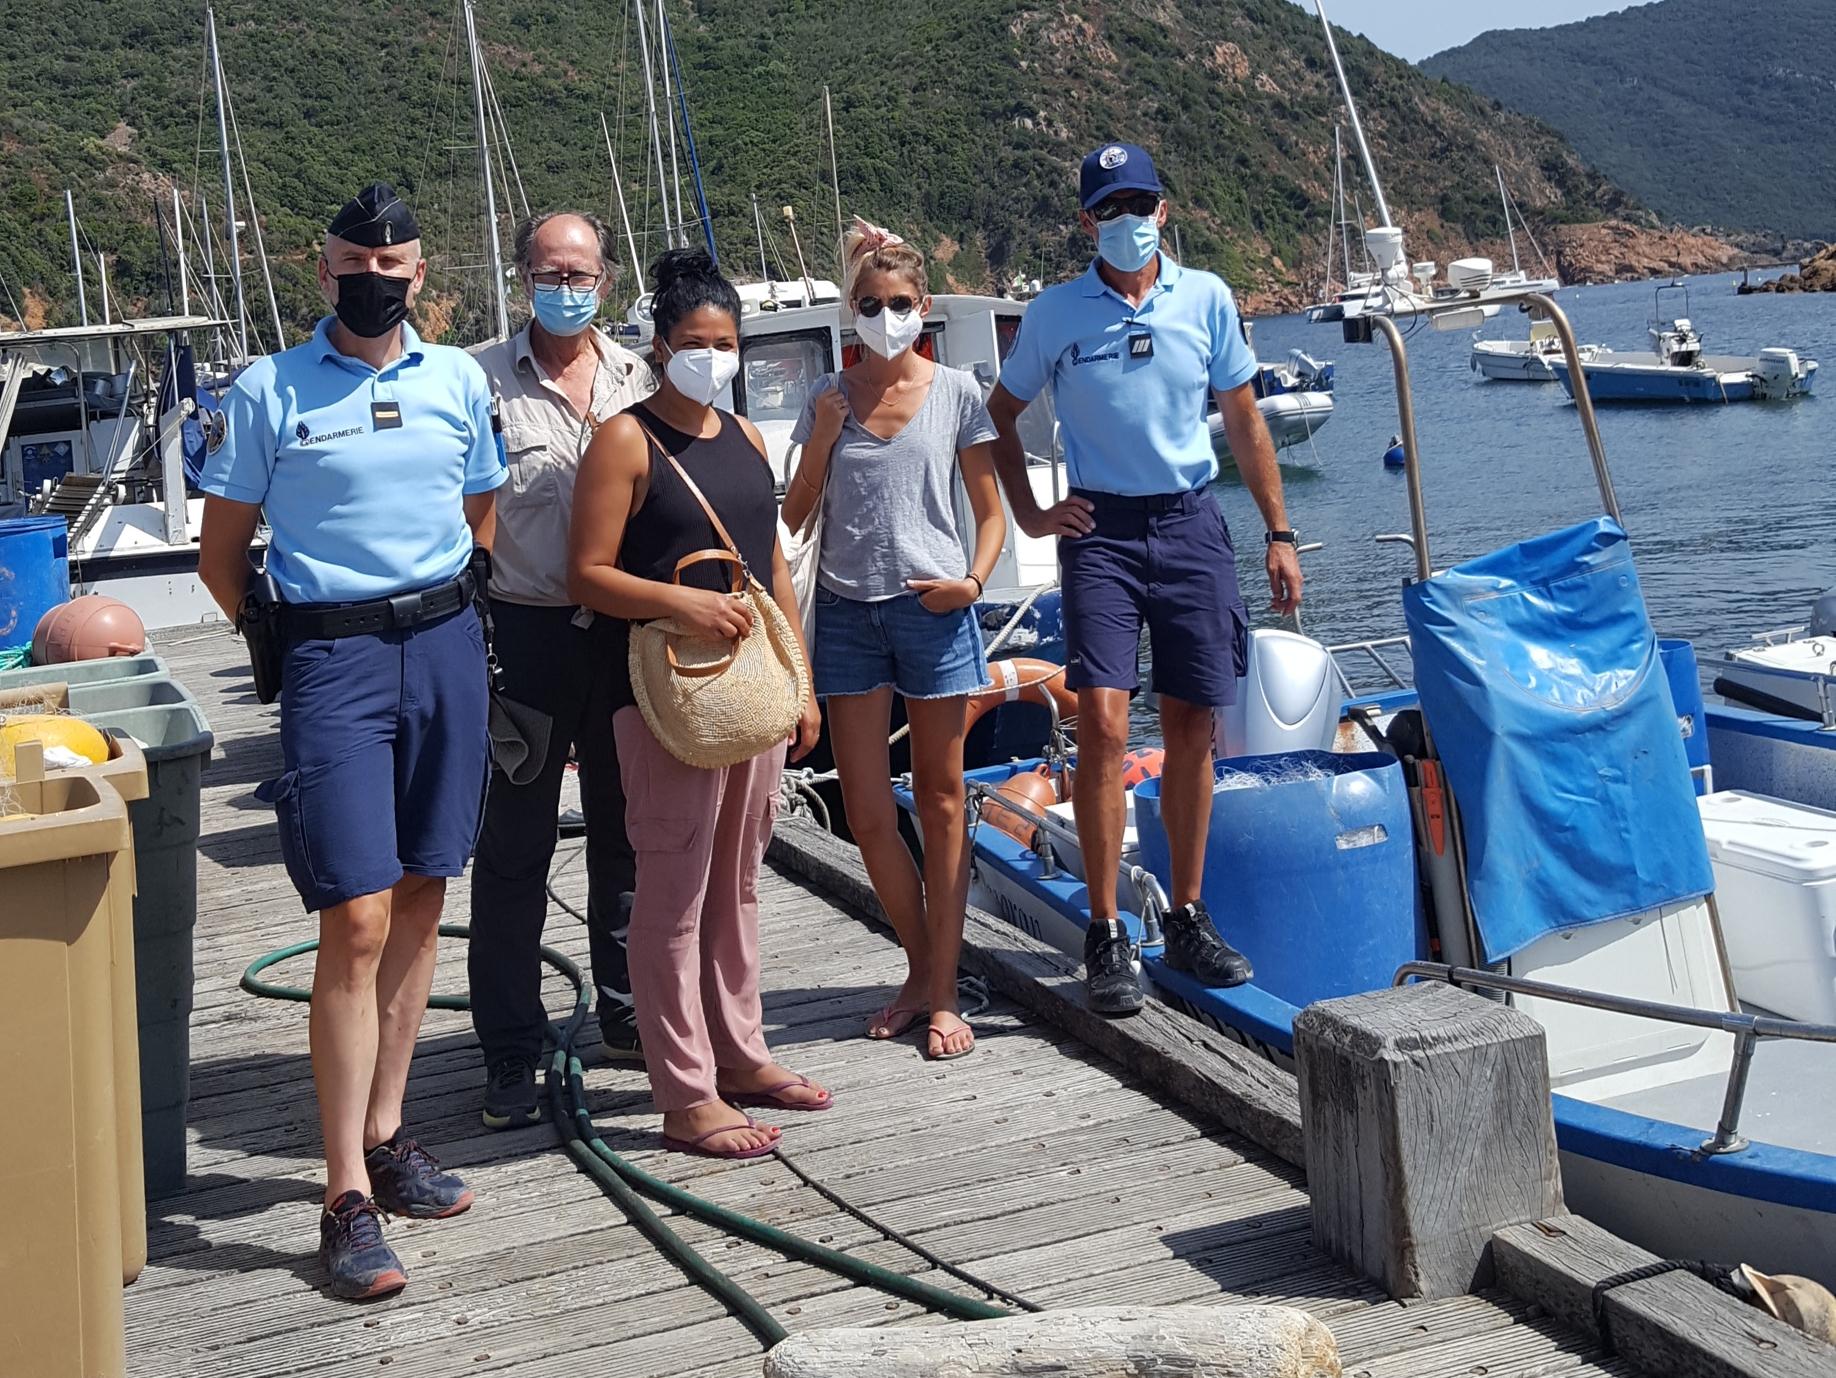 Les équipes de la brigade nautique de la gendarmerie de Corse avec Jean-François Lucciani, adjoint au maire d'Osani, le docteur Sophie DESNAULT et l'infirmière Sana Klai. Crédits Photo : Gendarmerie de Corse